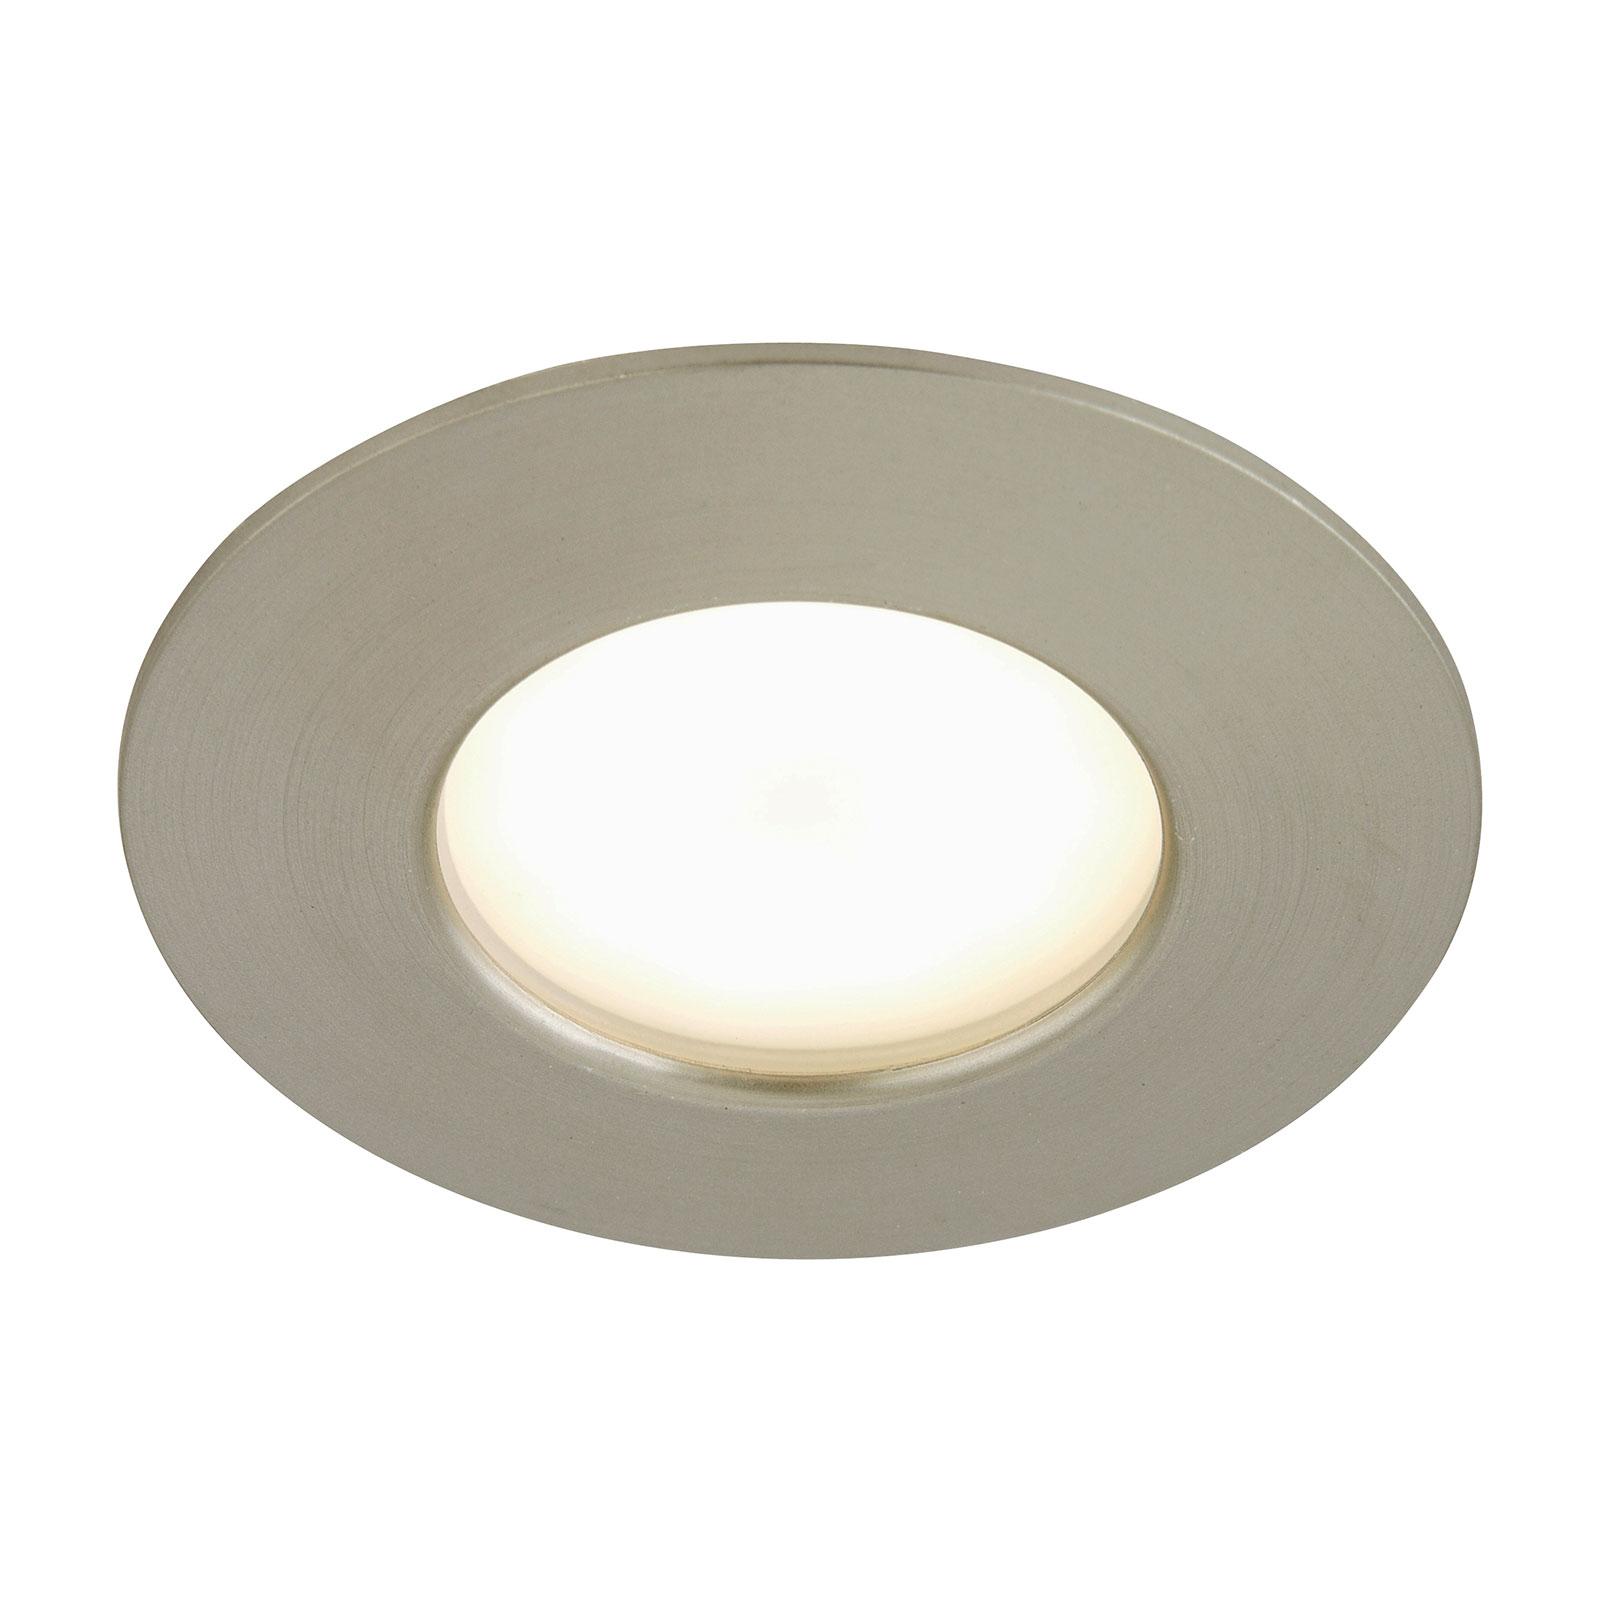 Oprawa wpuszczana LED Till, zewnętrzna, niklowana